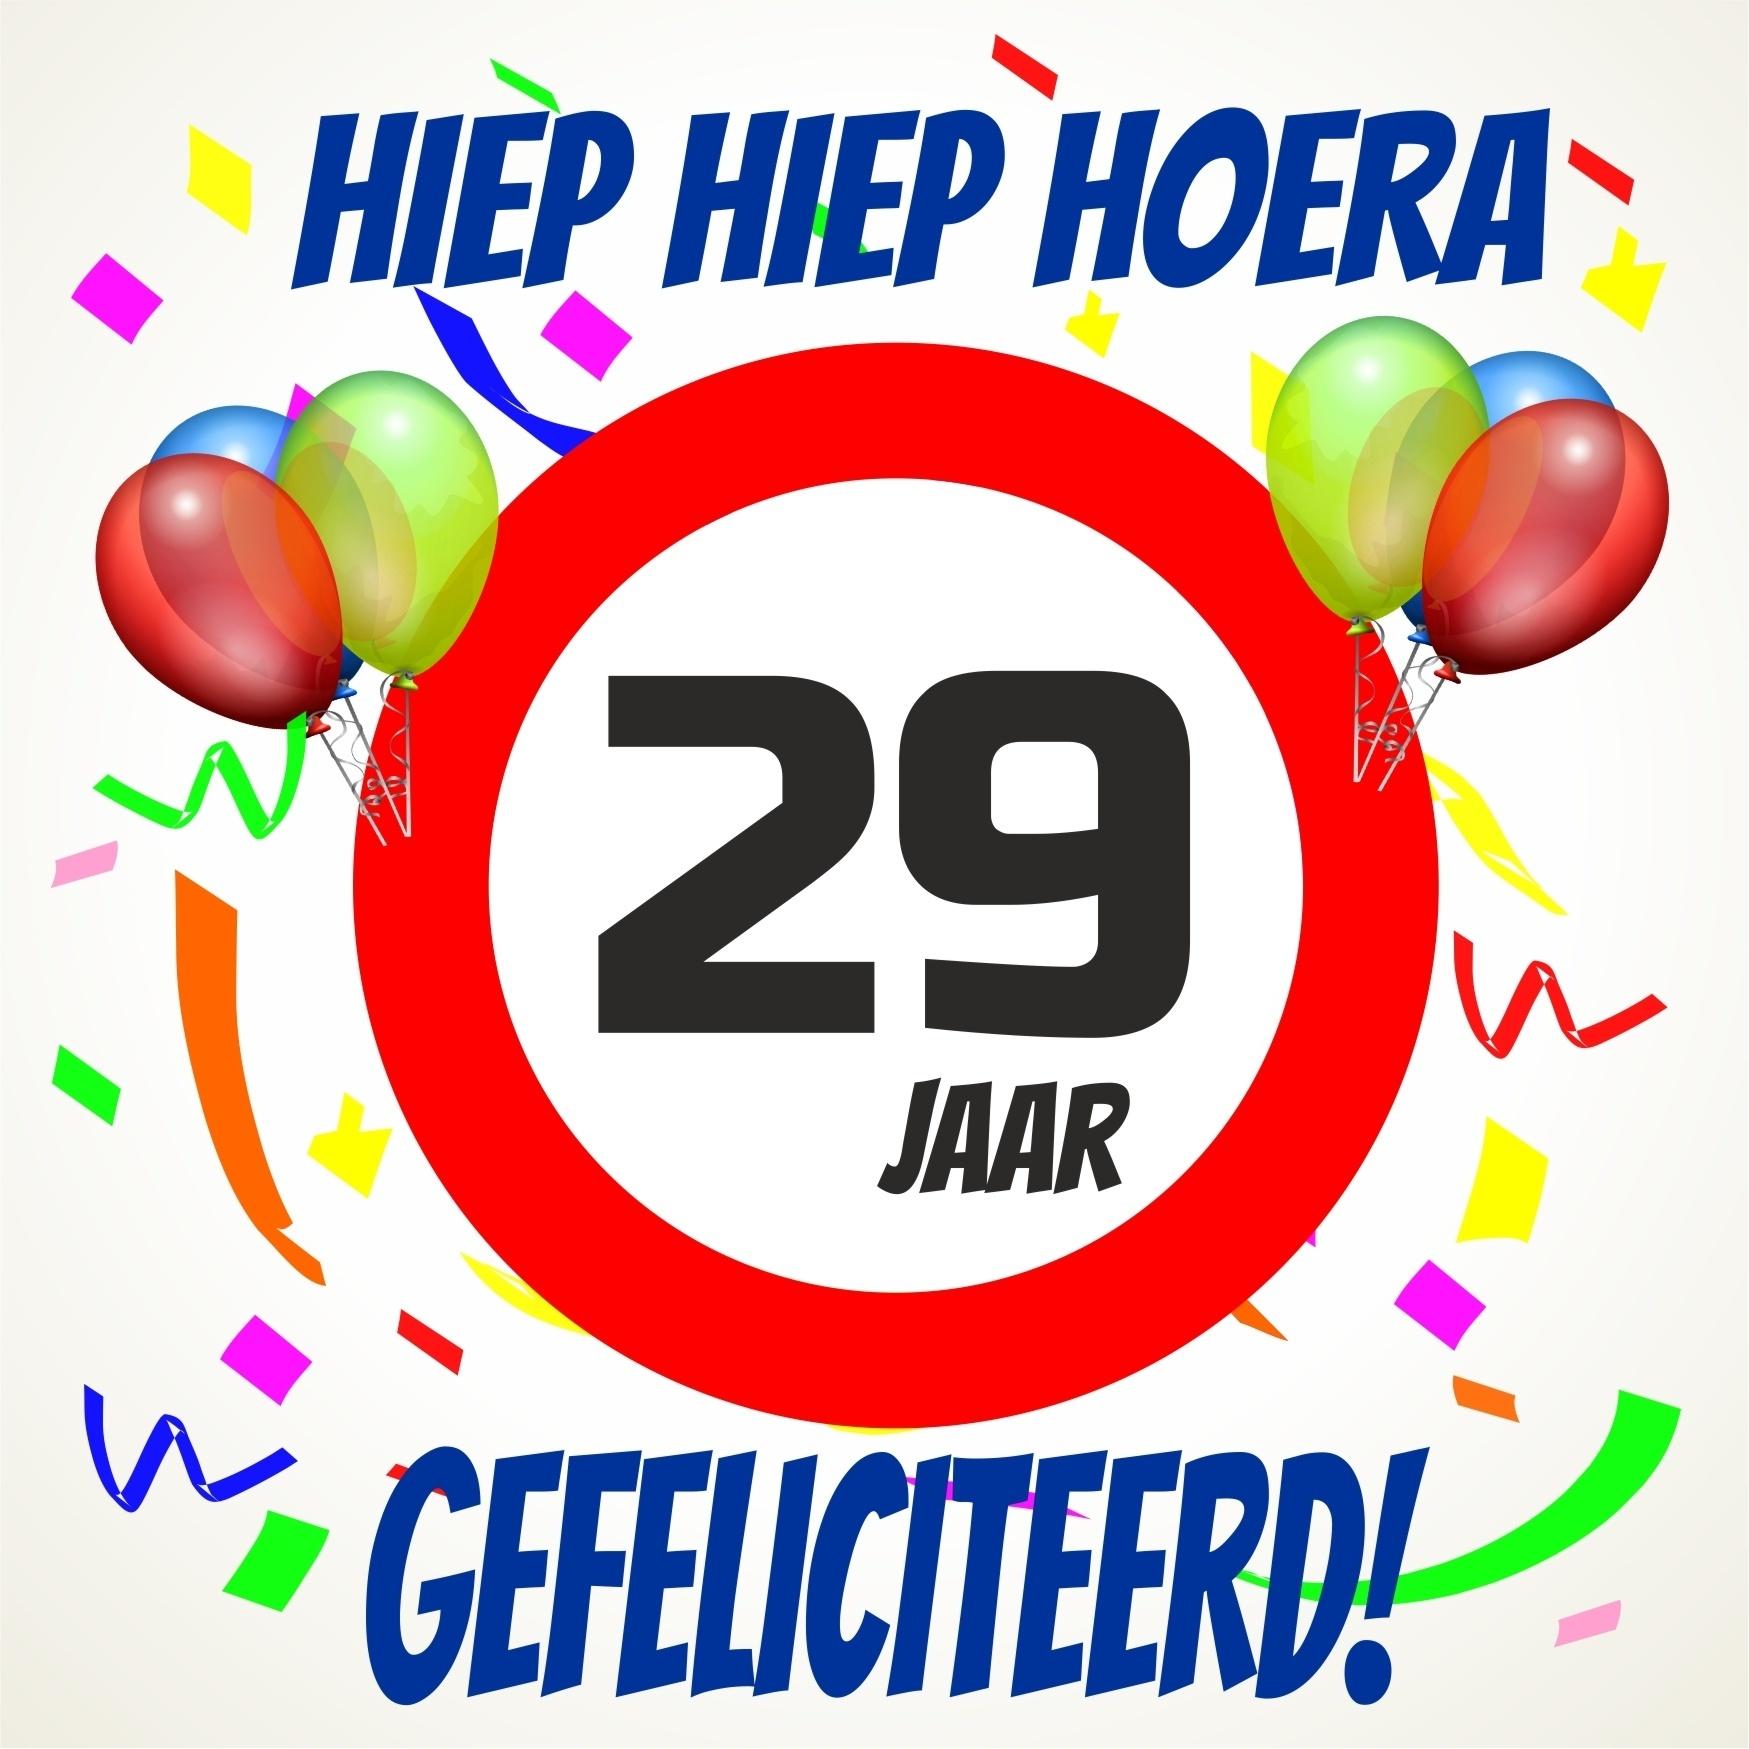 29 jaar verjaardag Verjaardag 29 Jaar Vrouw   ARCHIDEV 29 jaar verjaardag